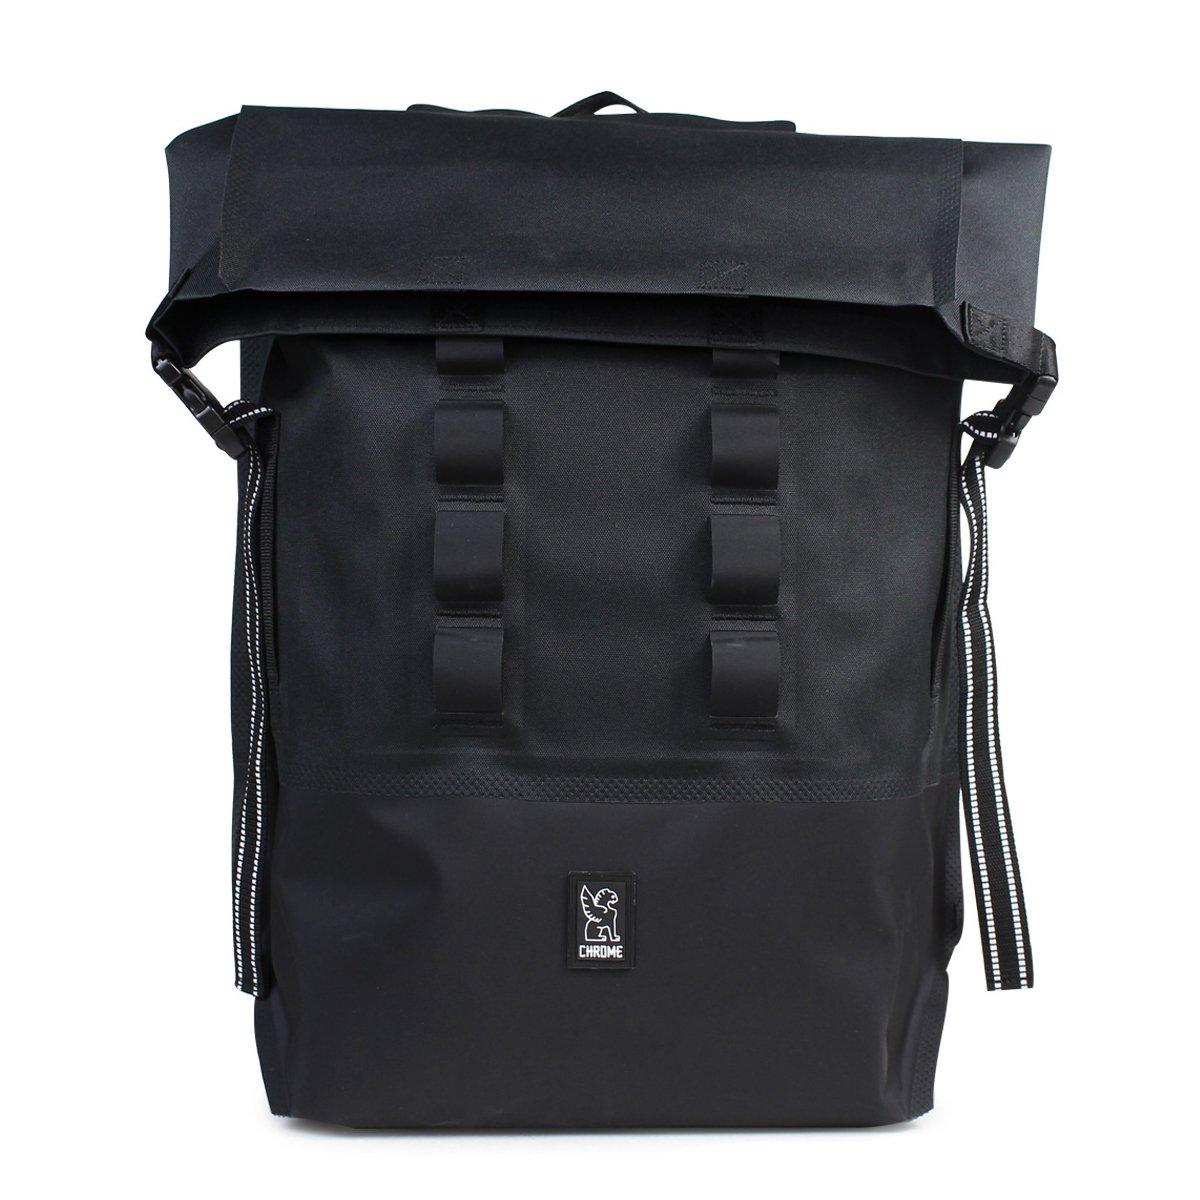 クローム バックパック 28L ユニセックス URBAN EX ROLLTOP BG-218 ブラック (並行輸入品) B071KBZWDV ブラック(BKBK)